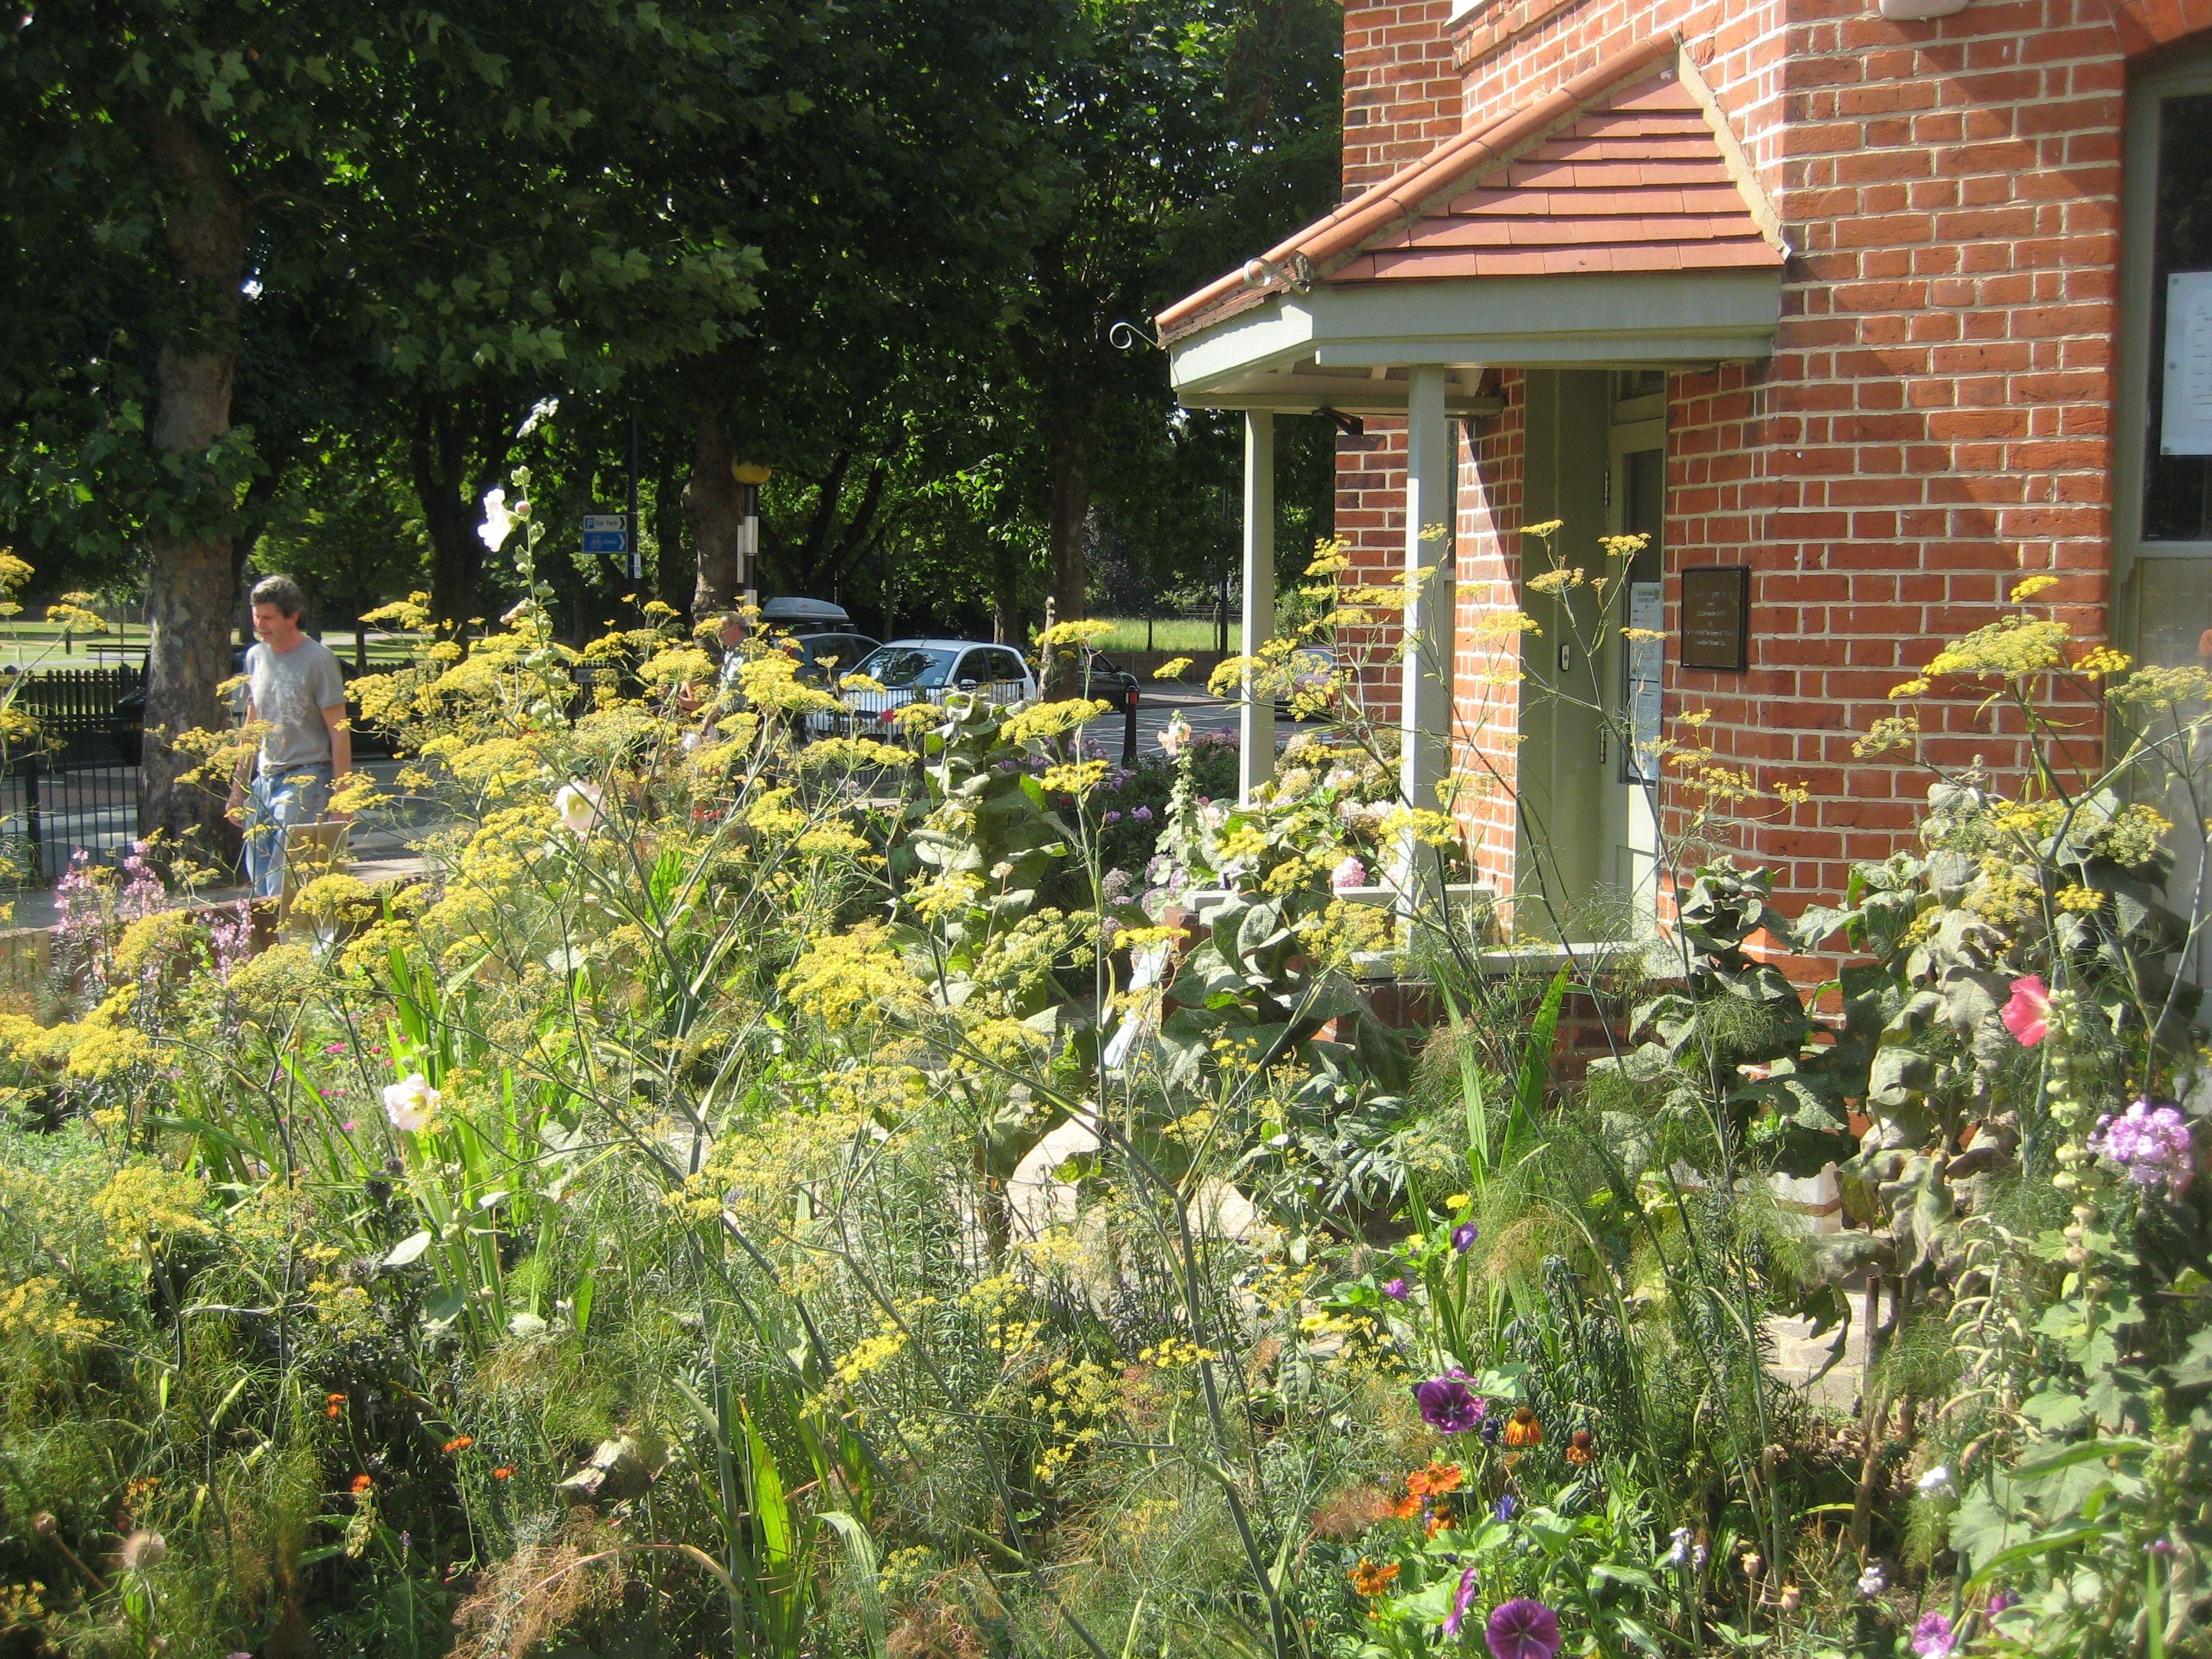 Corner House Garden in Summer